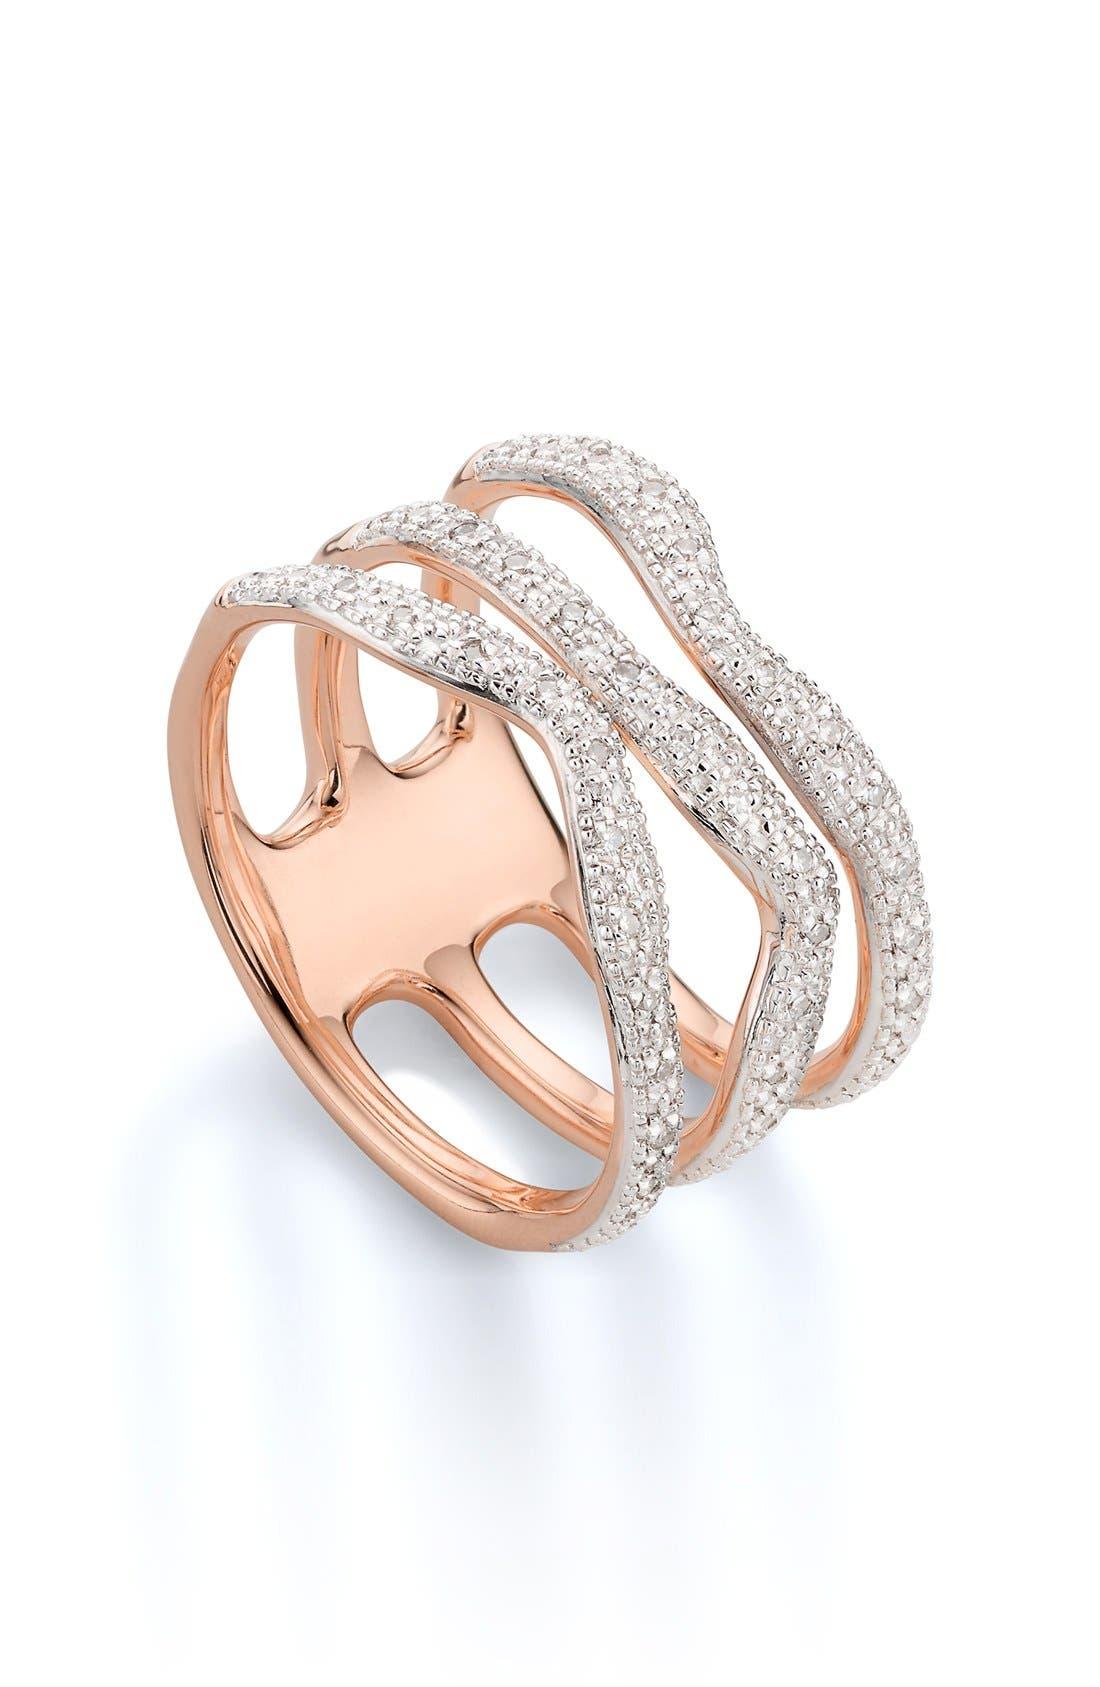 'Riva' Three Band Diamond Ring,                             Main thumbnail 1, color,                             ROSE GOLD